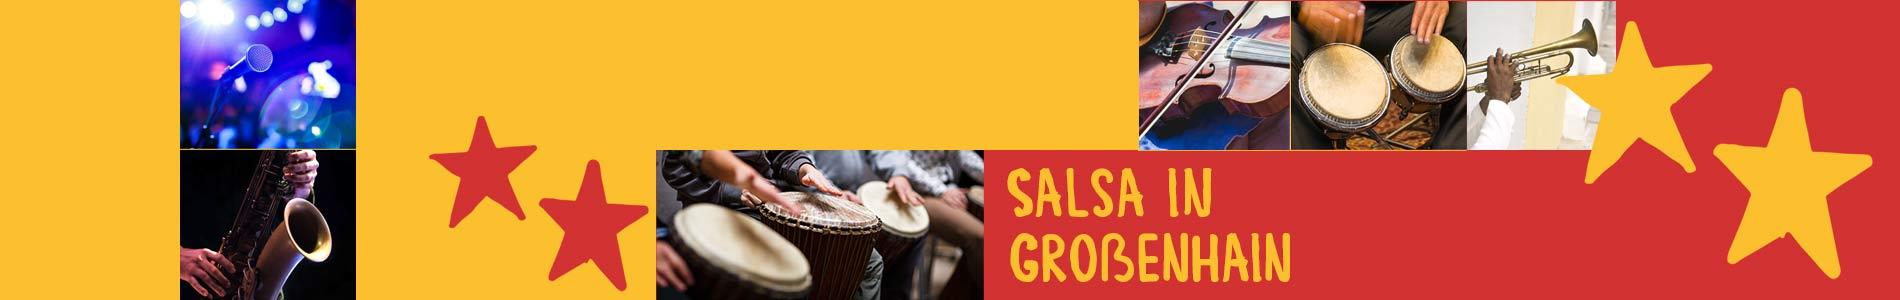 Salsa in Großenhain – Salsa lernen und tanzen, Tanzkurse, Partys, Veranstaltungen